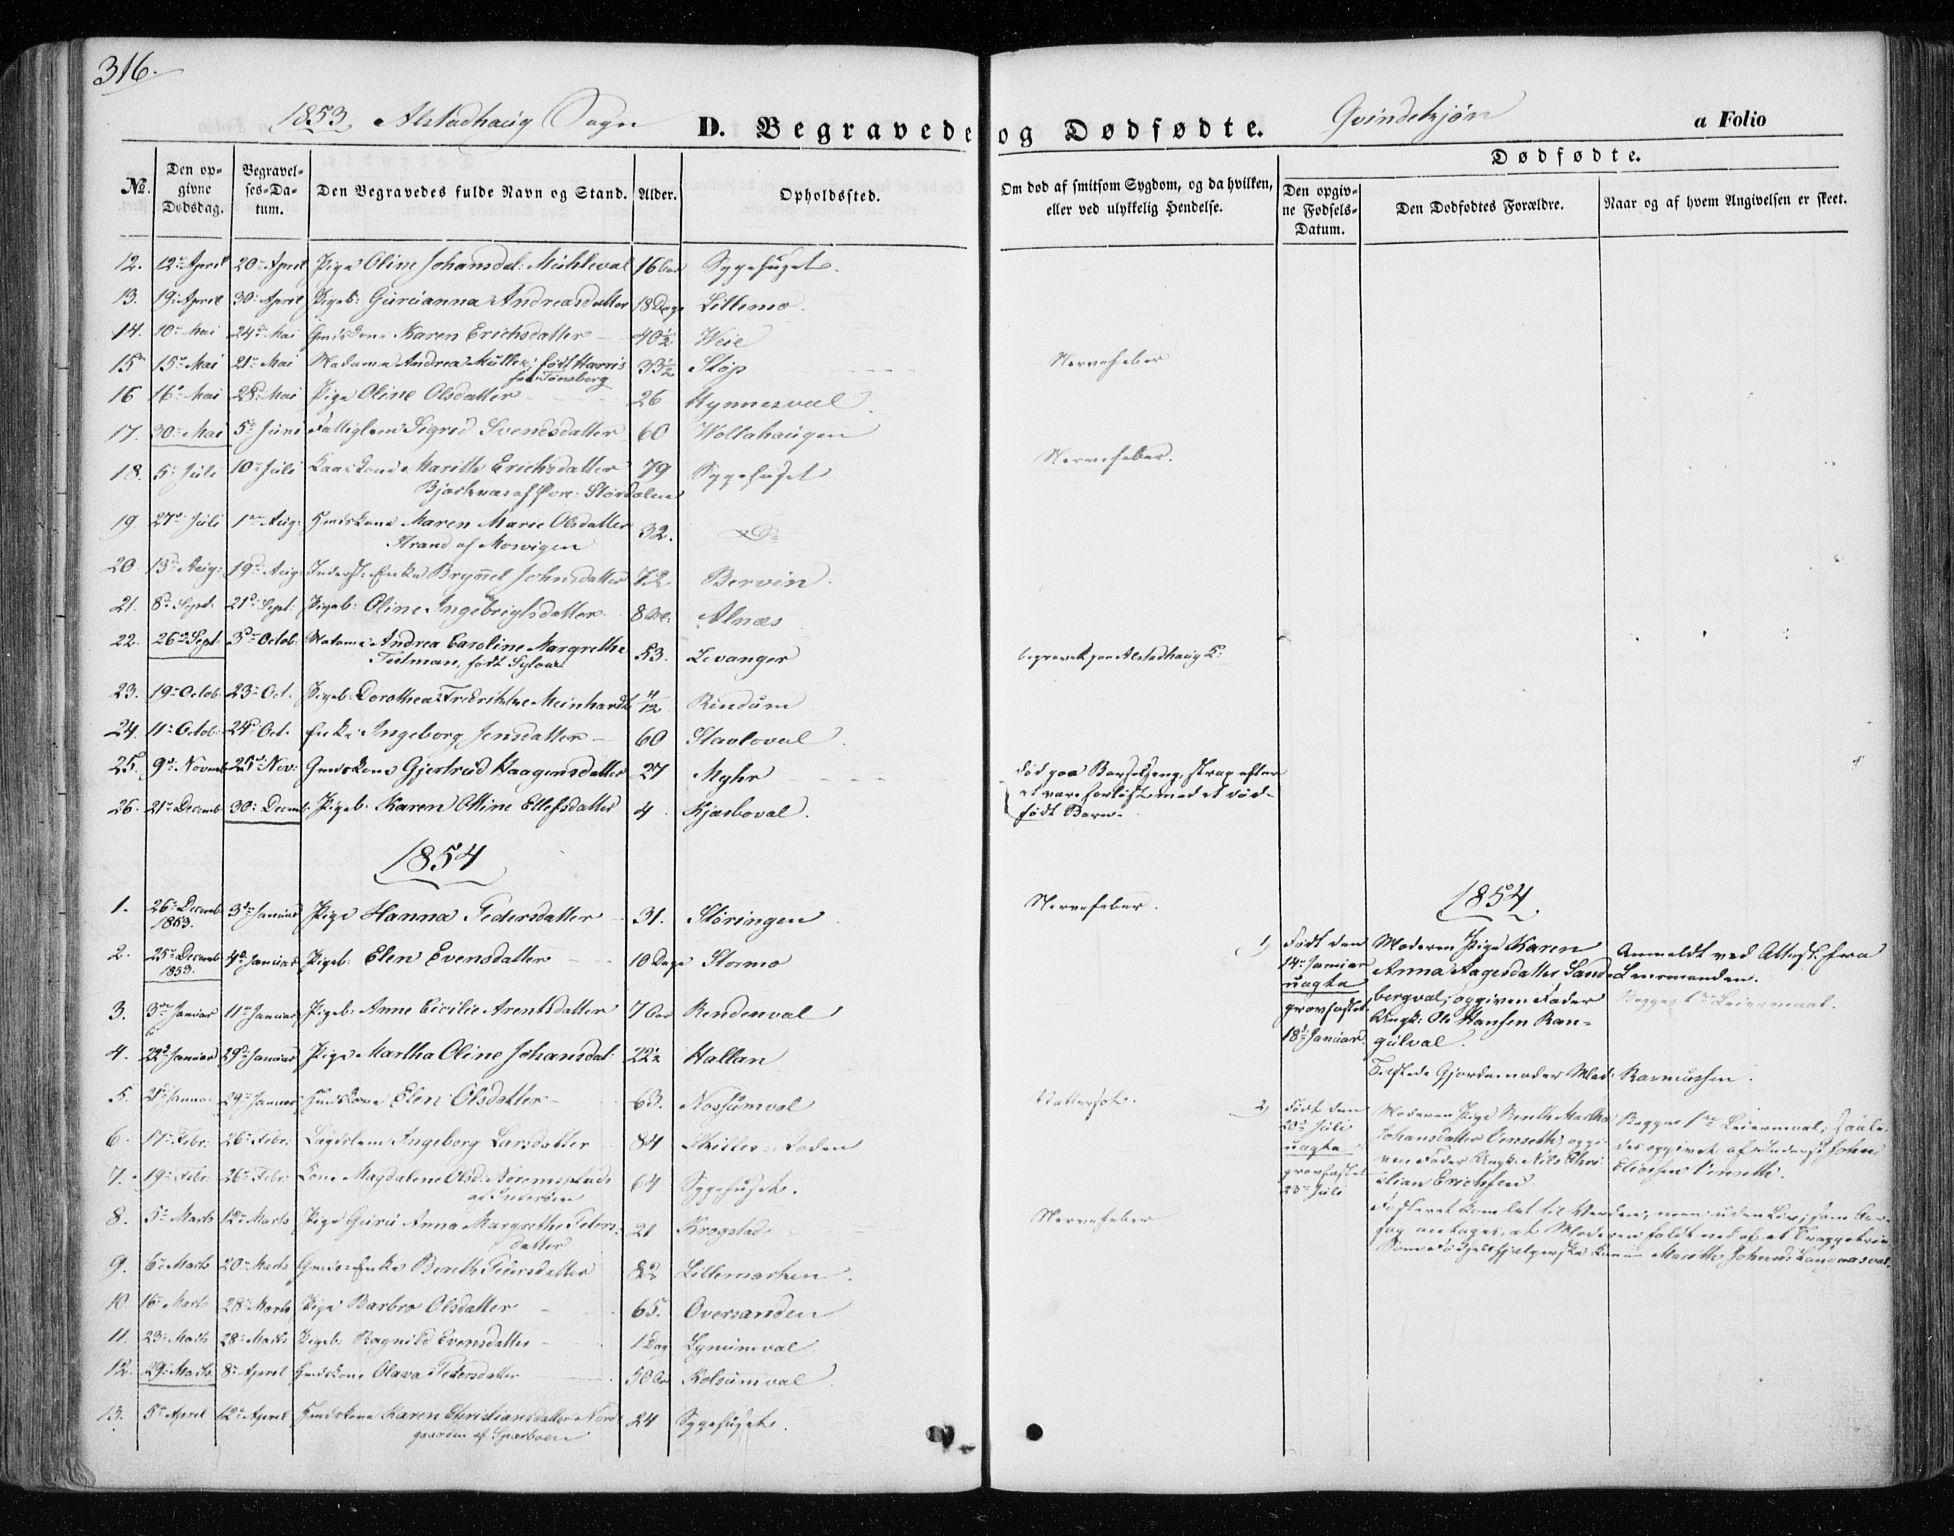 SAT, Ministerialprotokoller, klokkerbøker og fødselsregistre - Nord-Trøndelag, 717/L0154: Ministerialbok nr. 717A07 /1, 1850-1862, s. 316